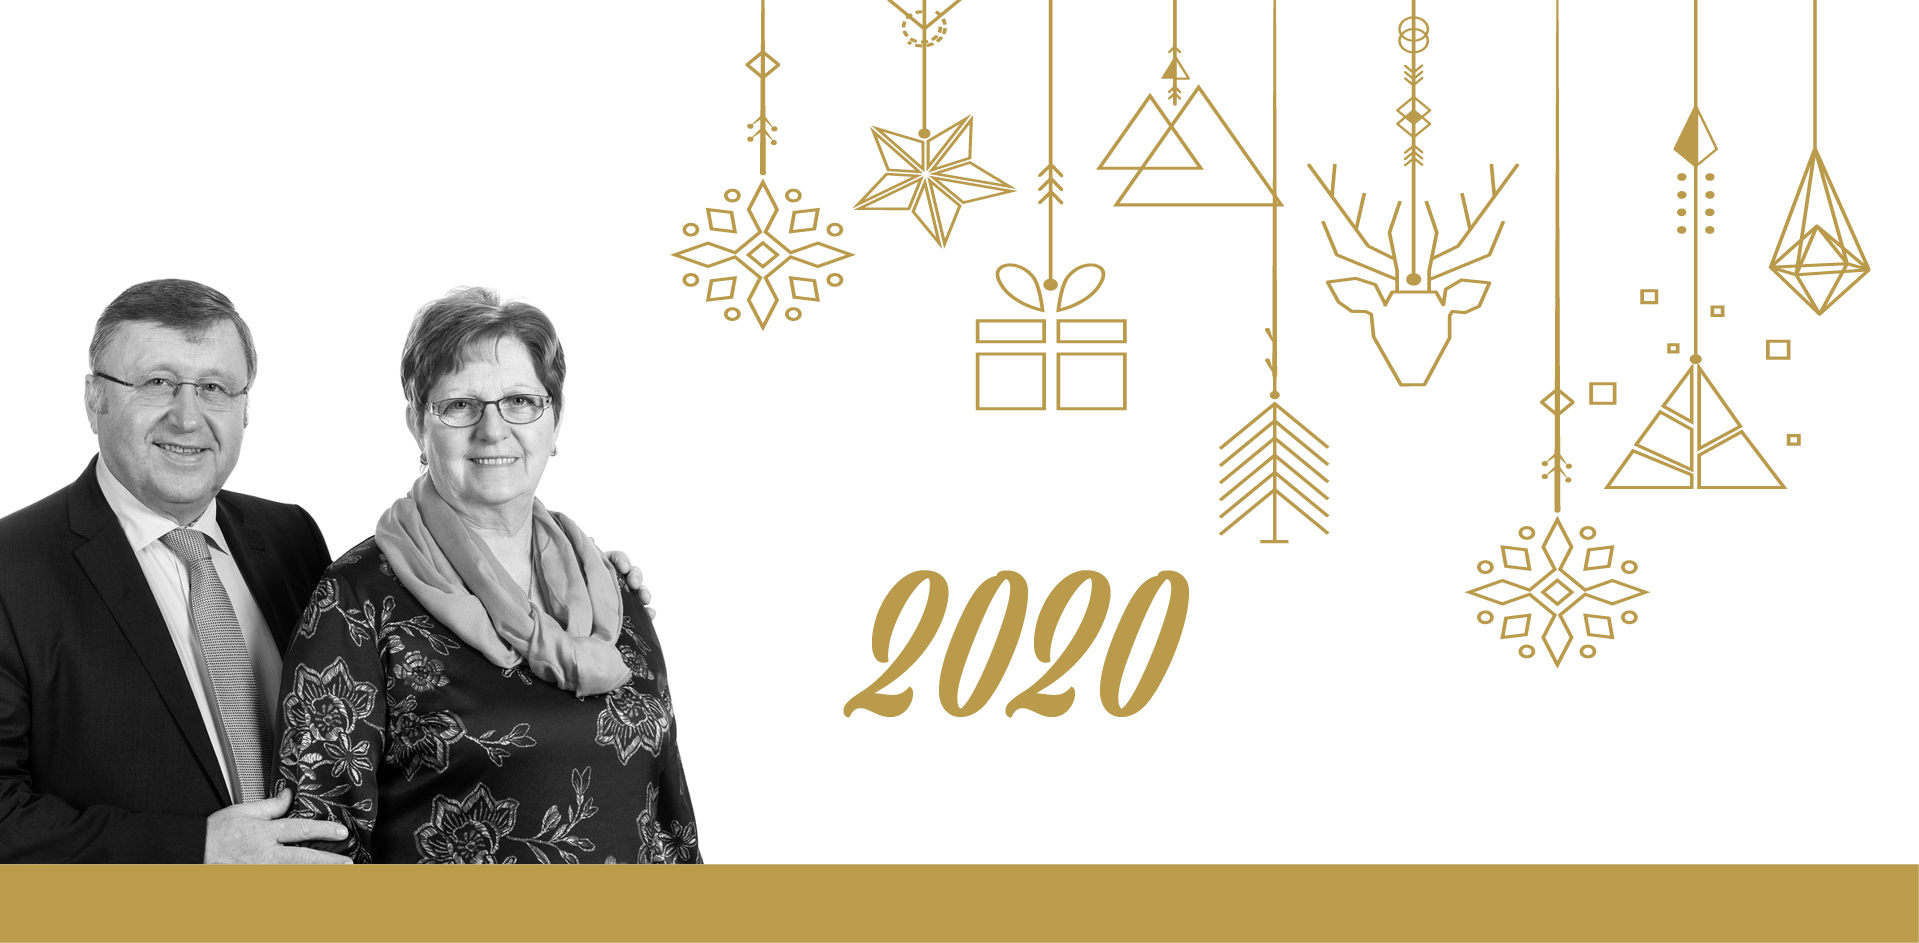 Beste Wensen voor het nieuwe jaar vanwege Dekeyzer-Ossaer